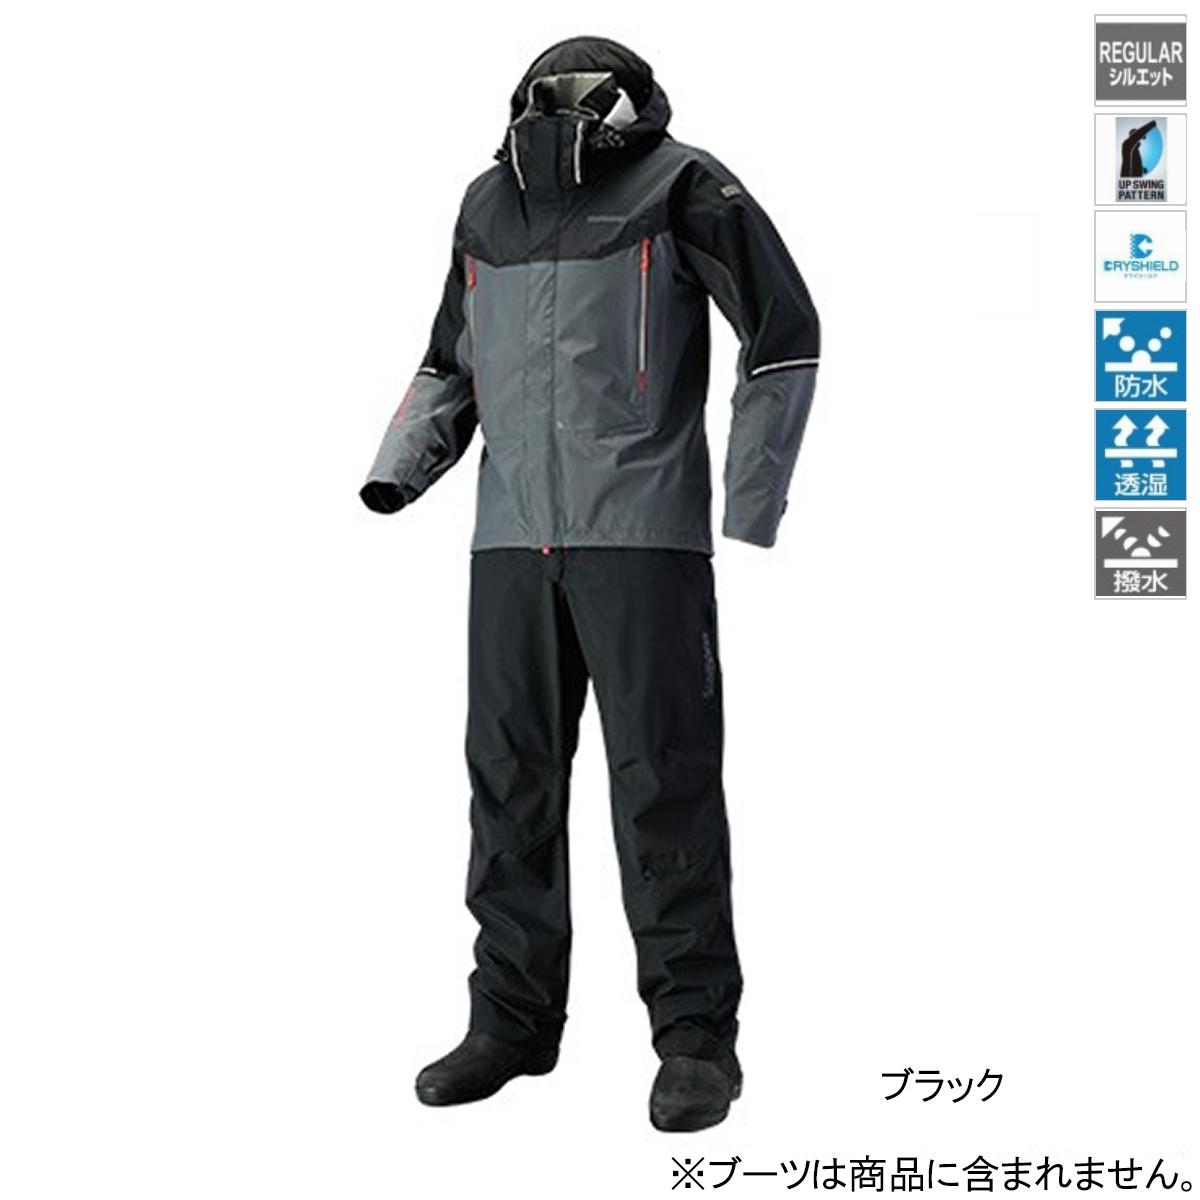 シマノ DSアドバンススーツ RA-025S M ブラック(東日本店)